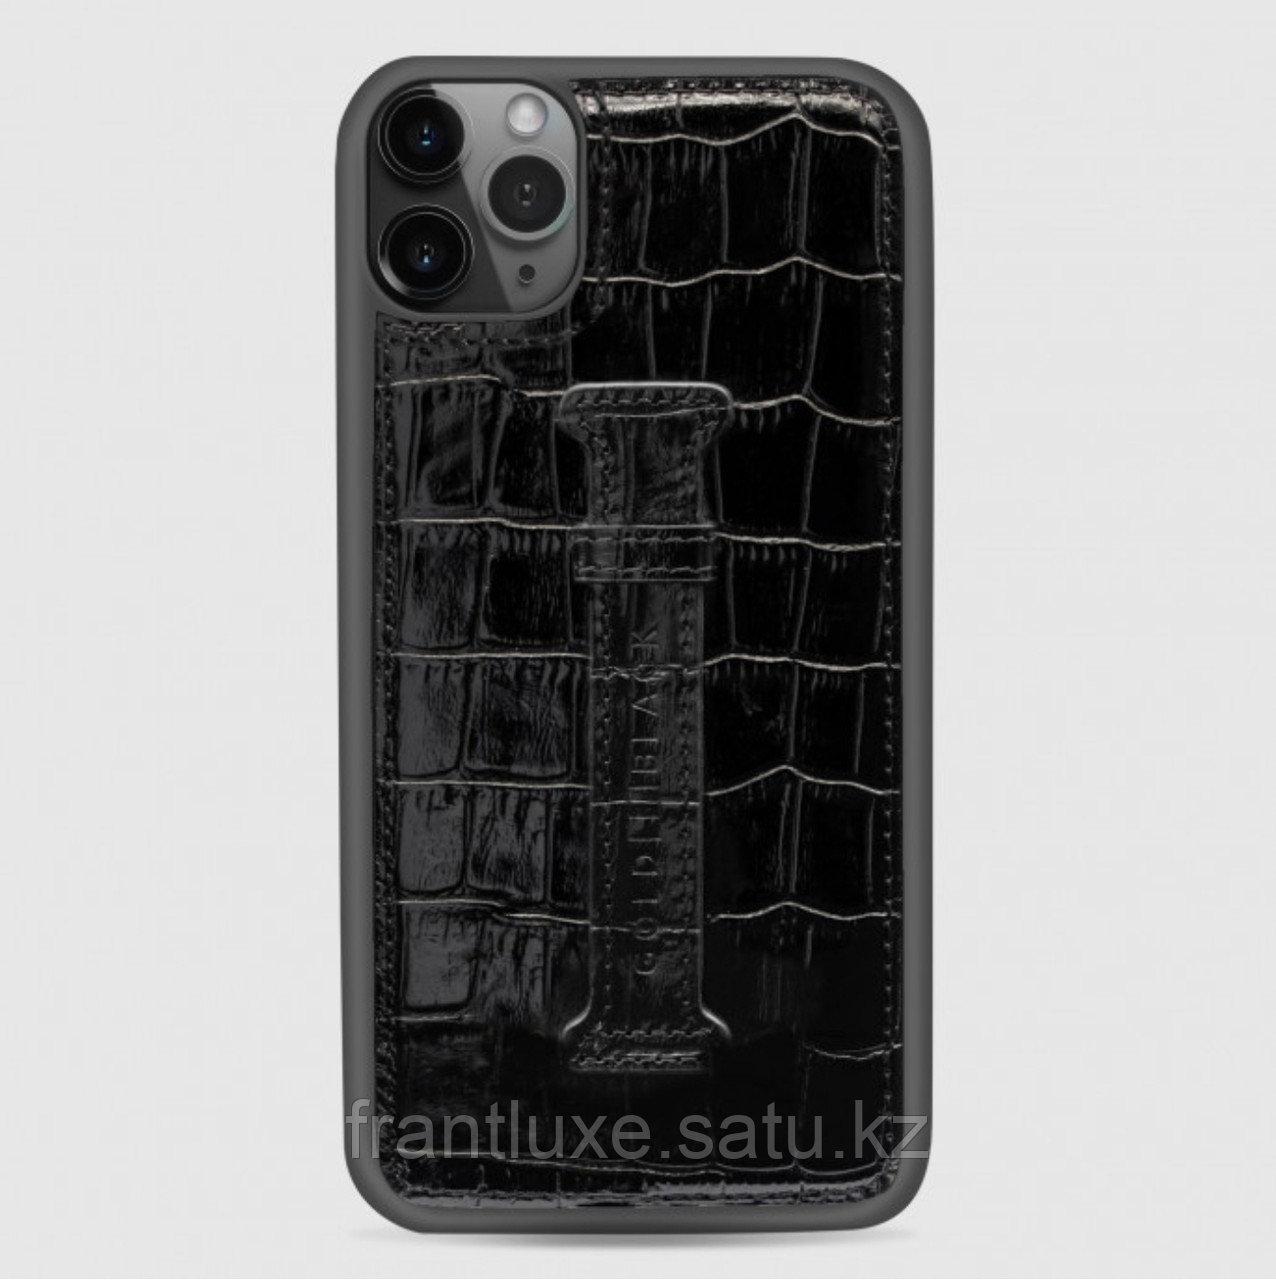 Чехол для телефона iPhone 12 Pro Max с ремешком-держателем Croco чёрный - фото 2